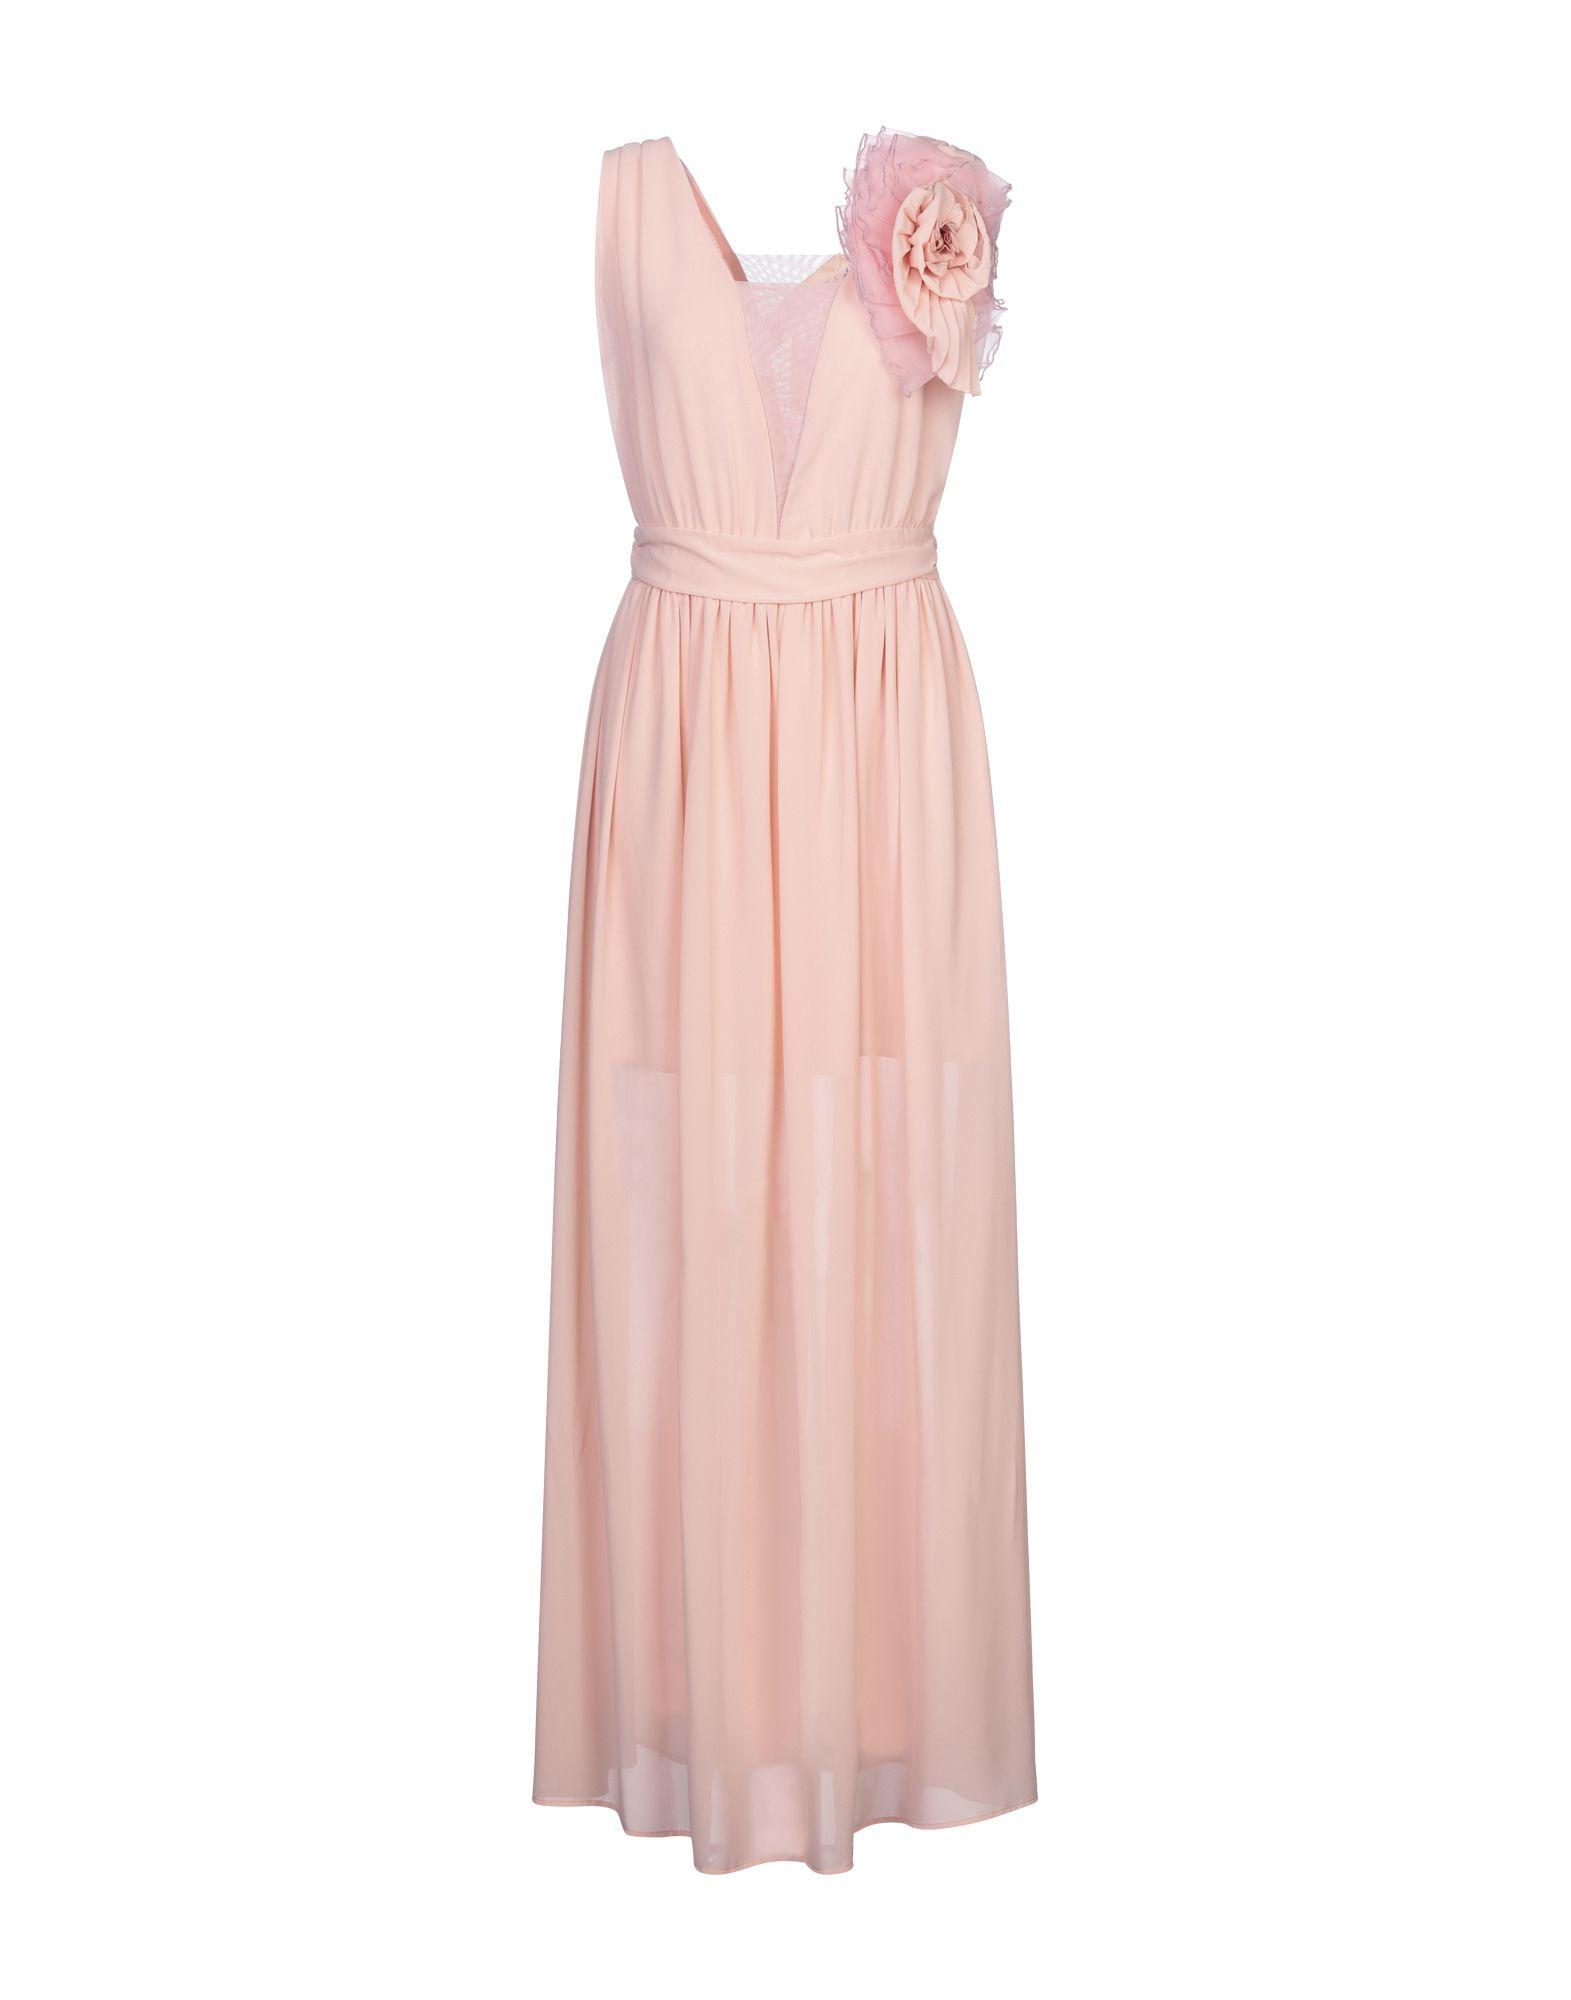 BAUSAN44 Длинное платье